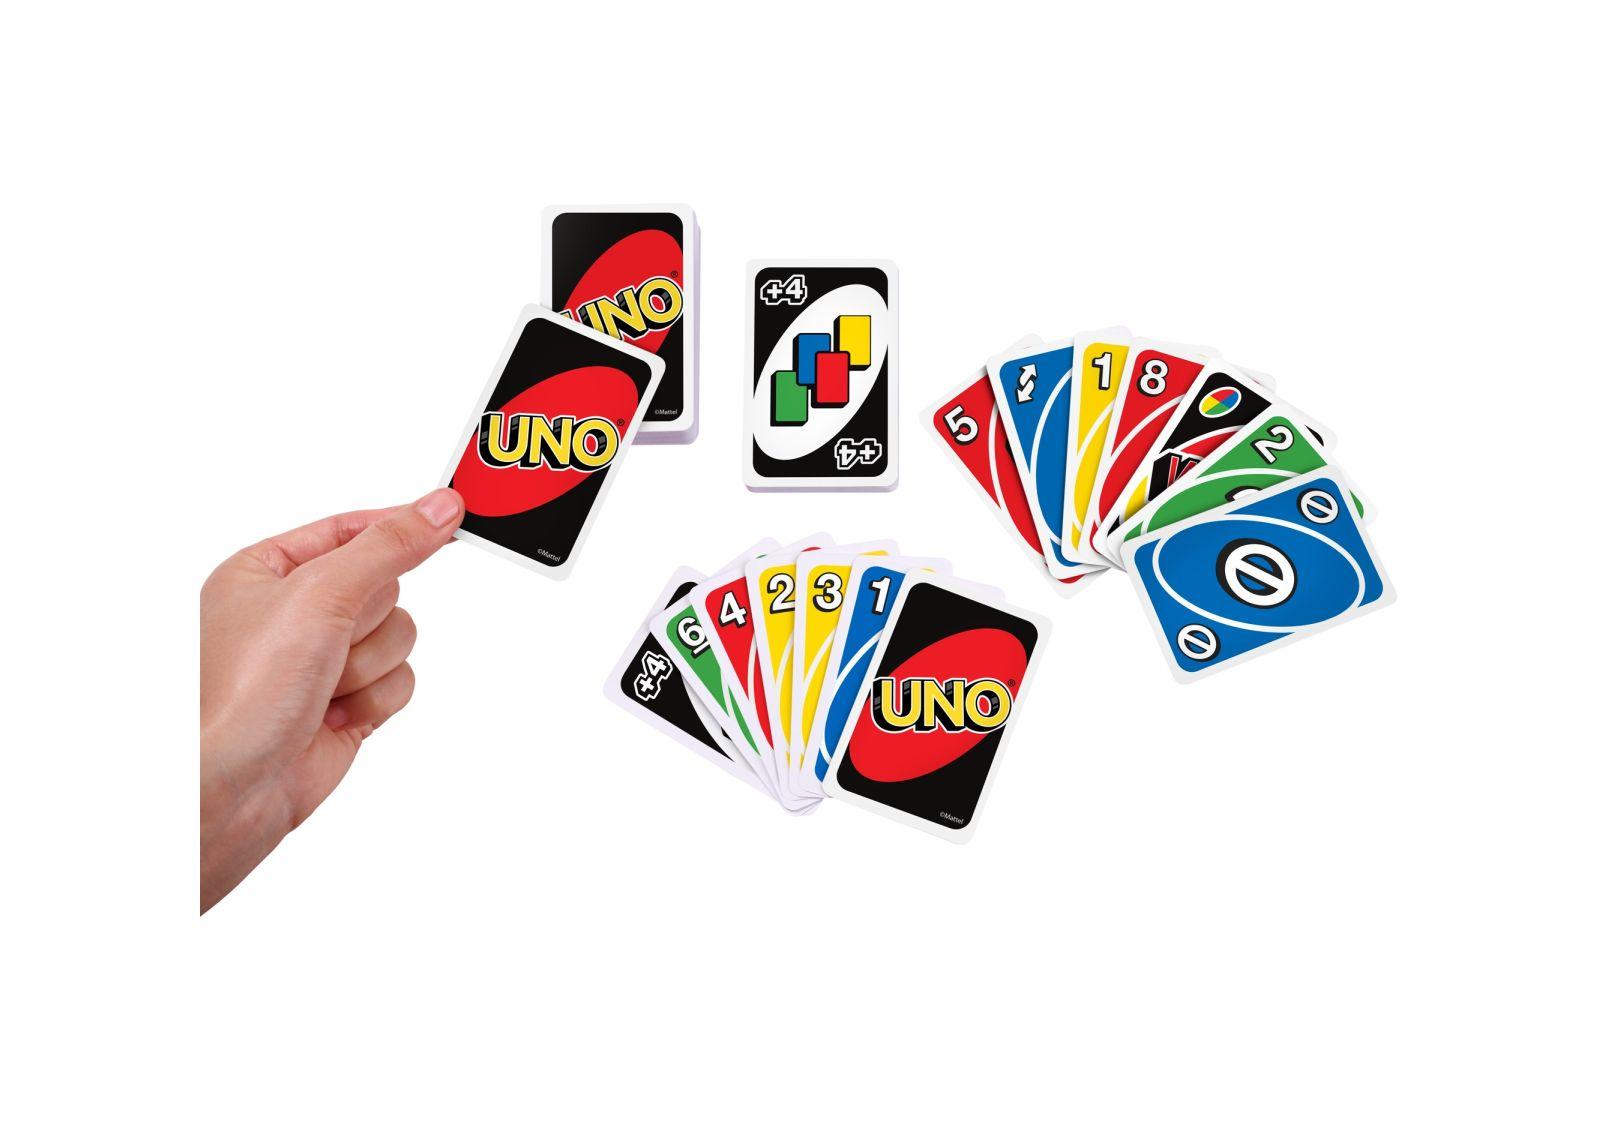 1 Pacco del Famoso Gioco di Carte UNO Originali Marca Mattel Nuove Idea Regalo